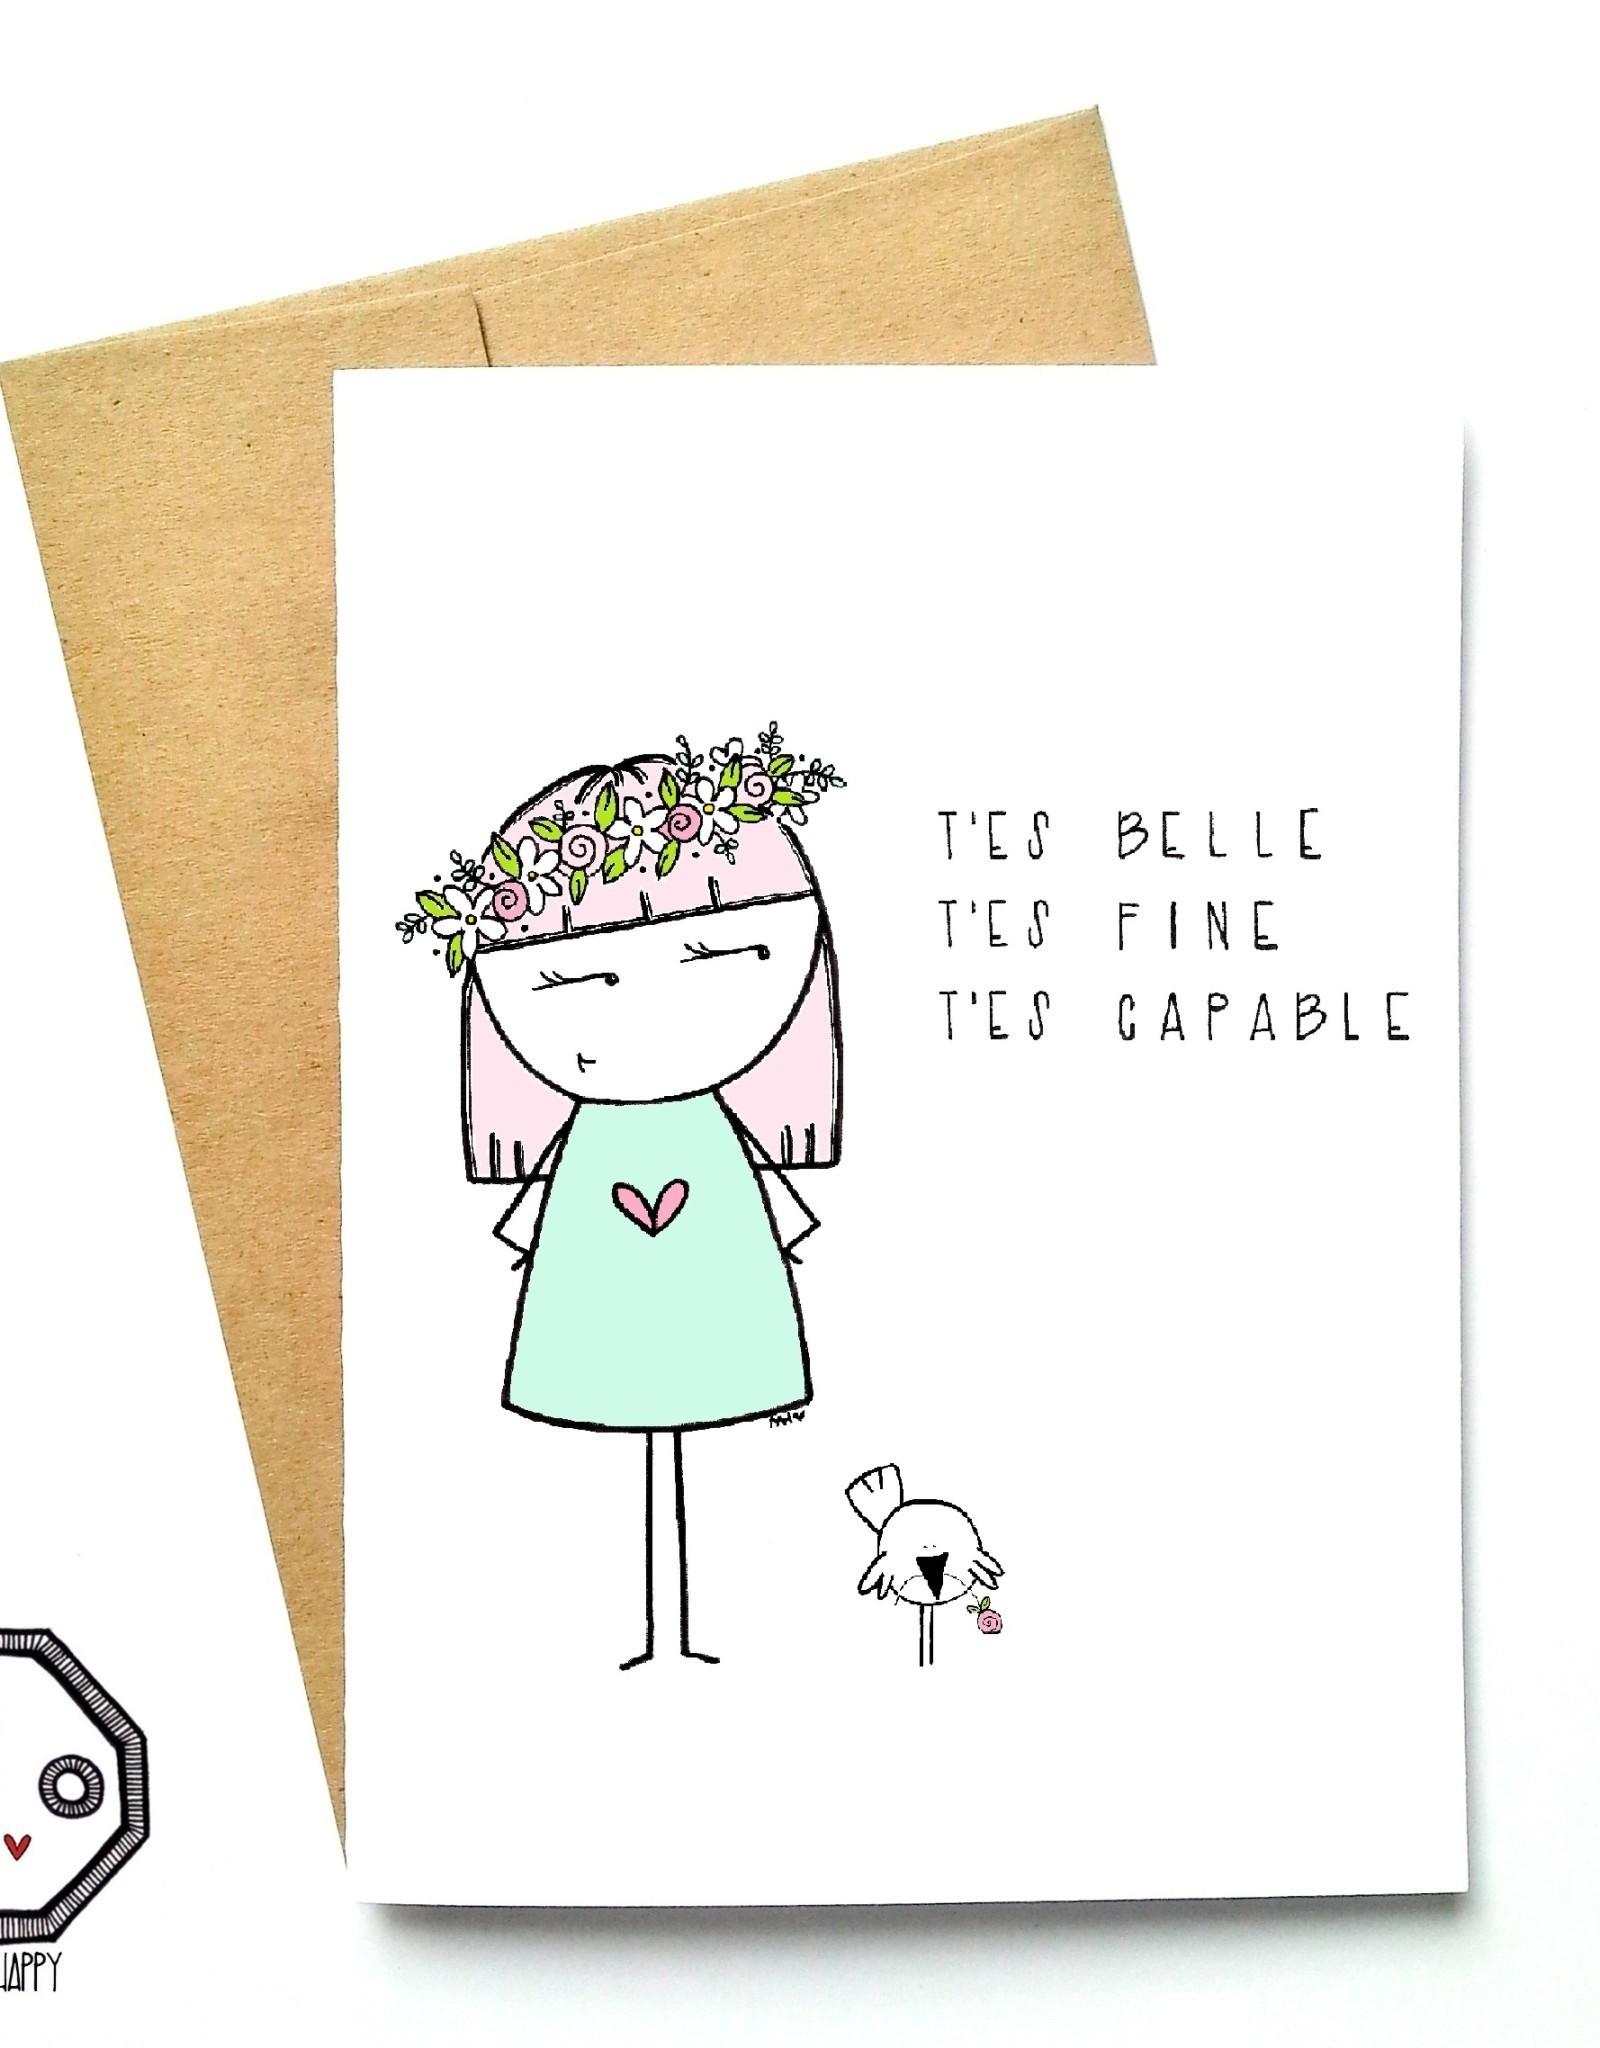 Carte de souhait - Belle Fine Capable